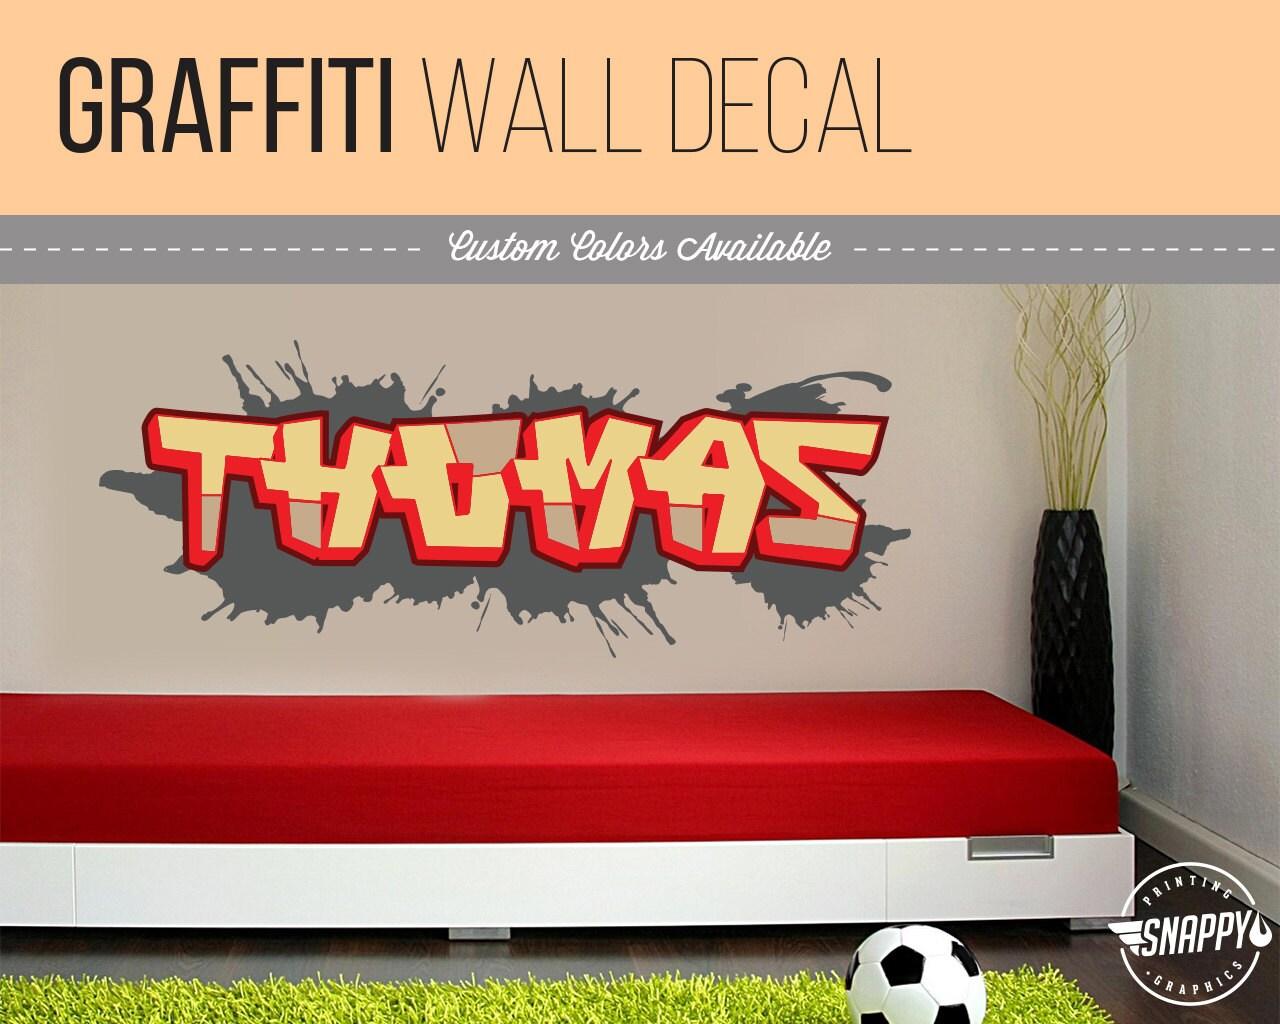 Benutzerdefinierte Graffiti benennen Stil und Farbe Schema